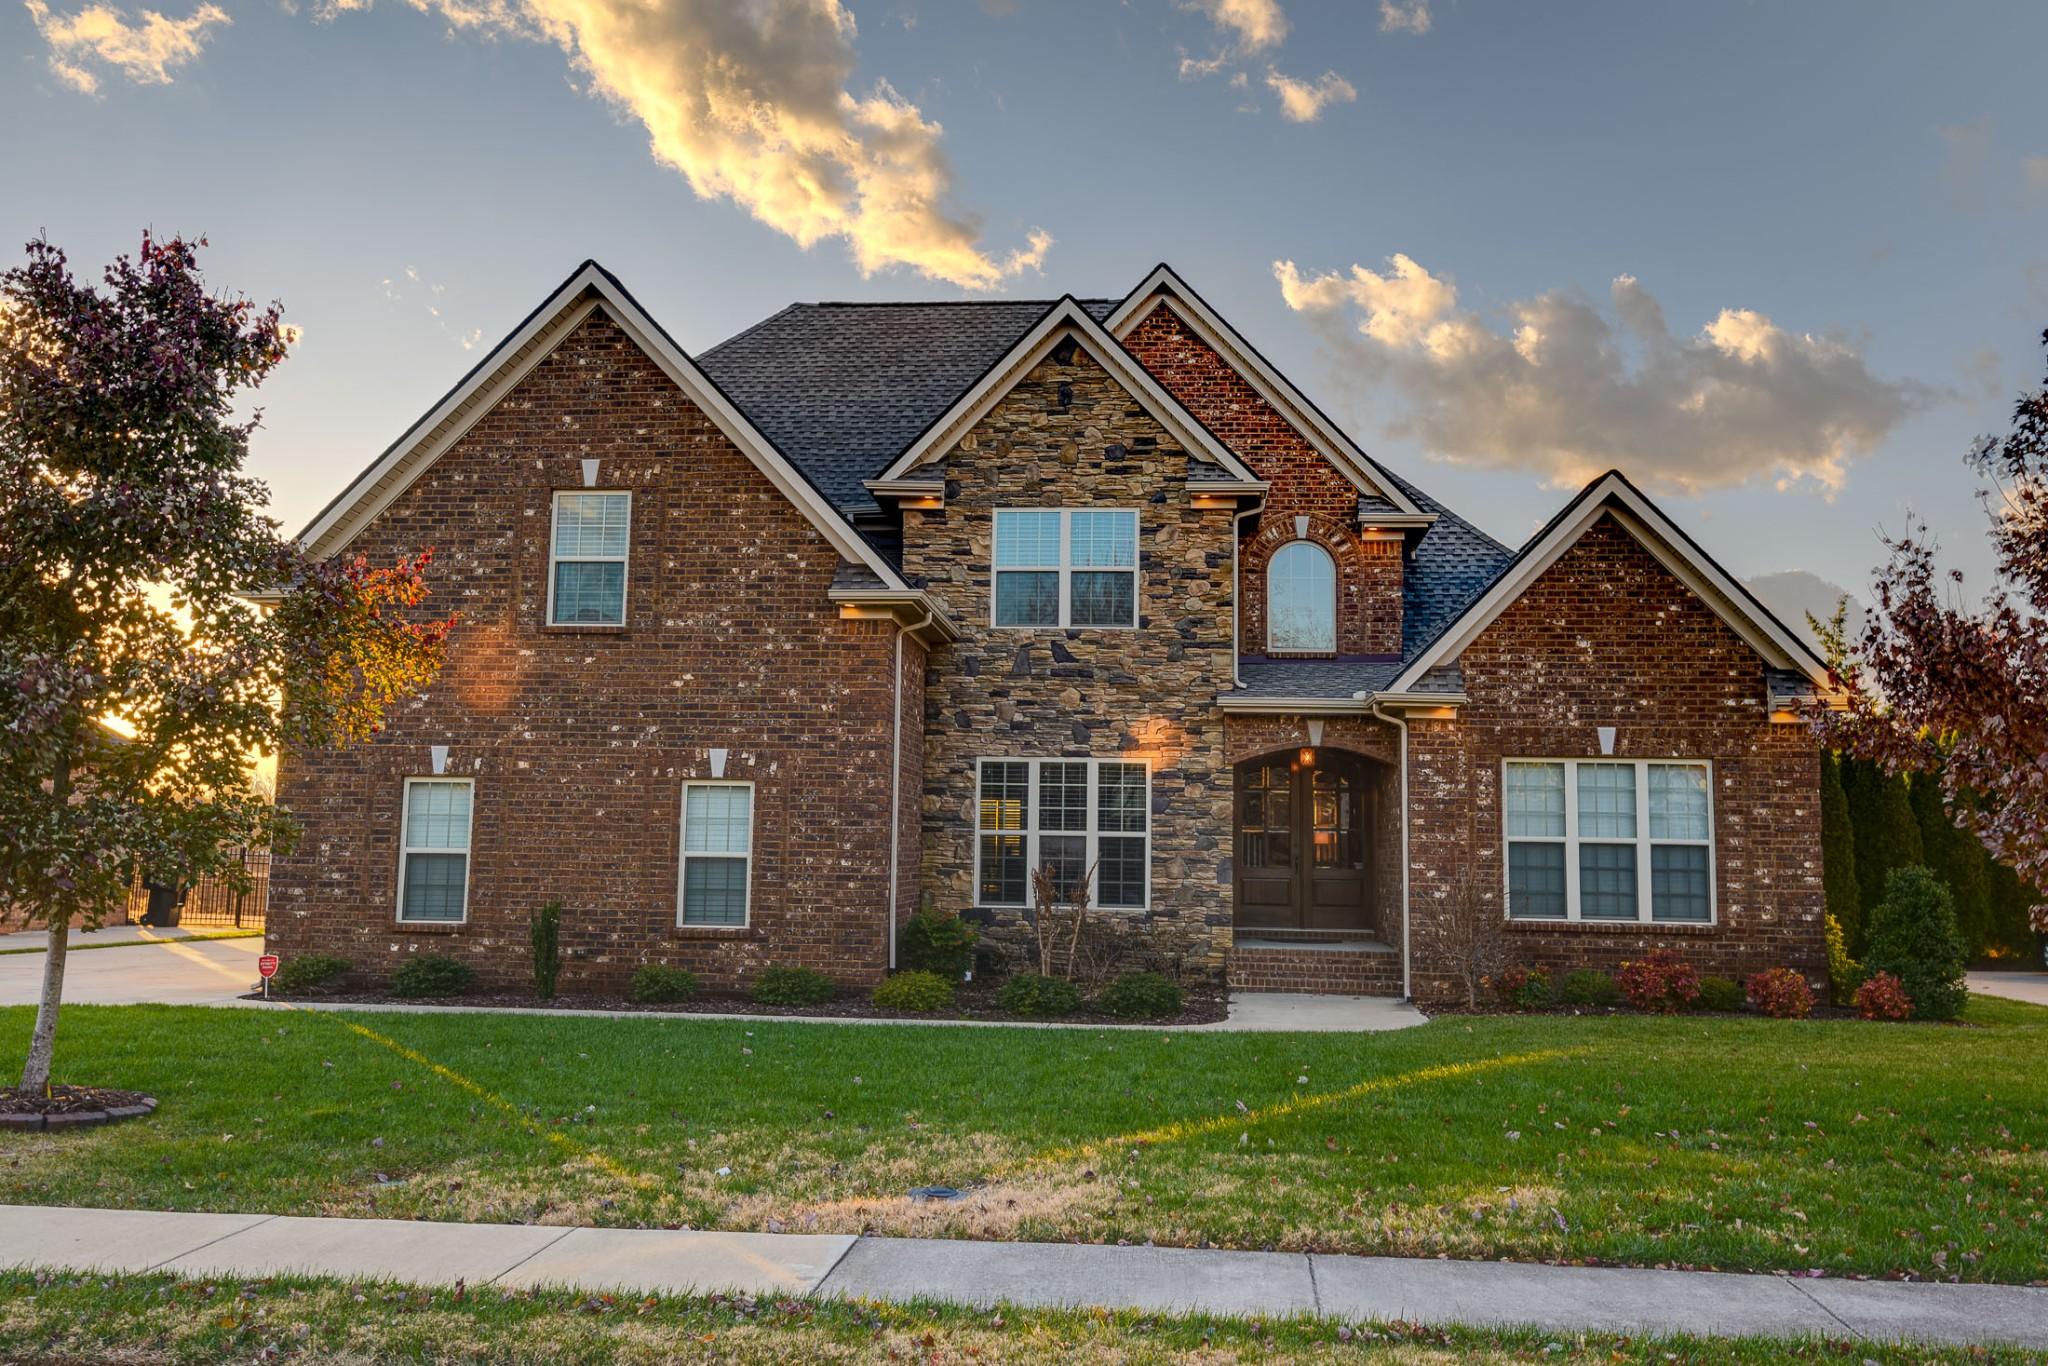 3223 Folcroft Dr, Murfreesboro, TN 37130 - Murfreesboro, TN real estate listing